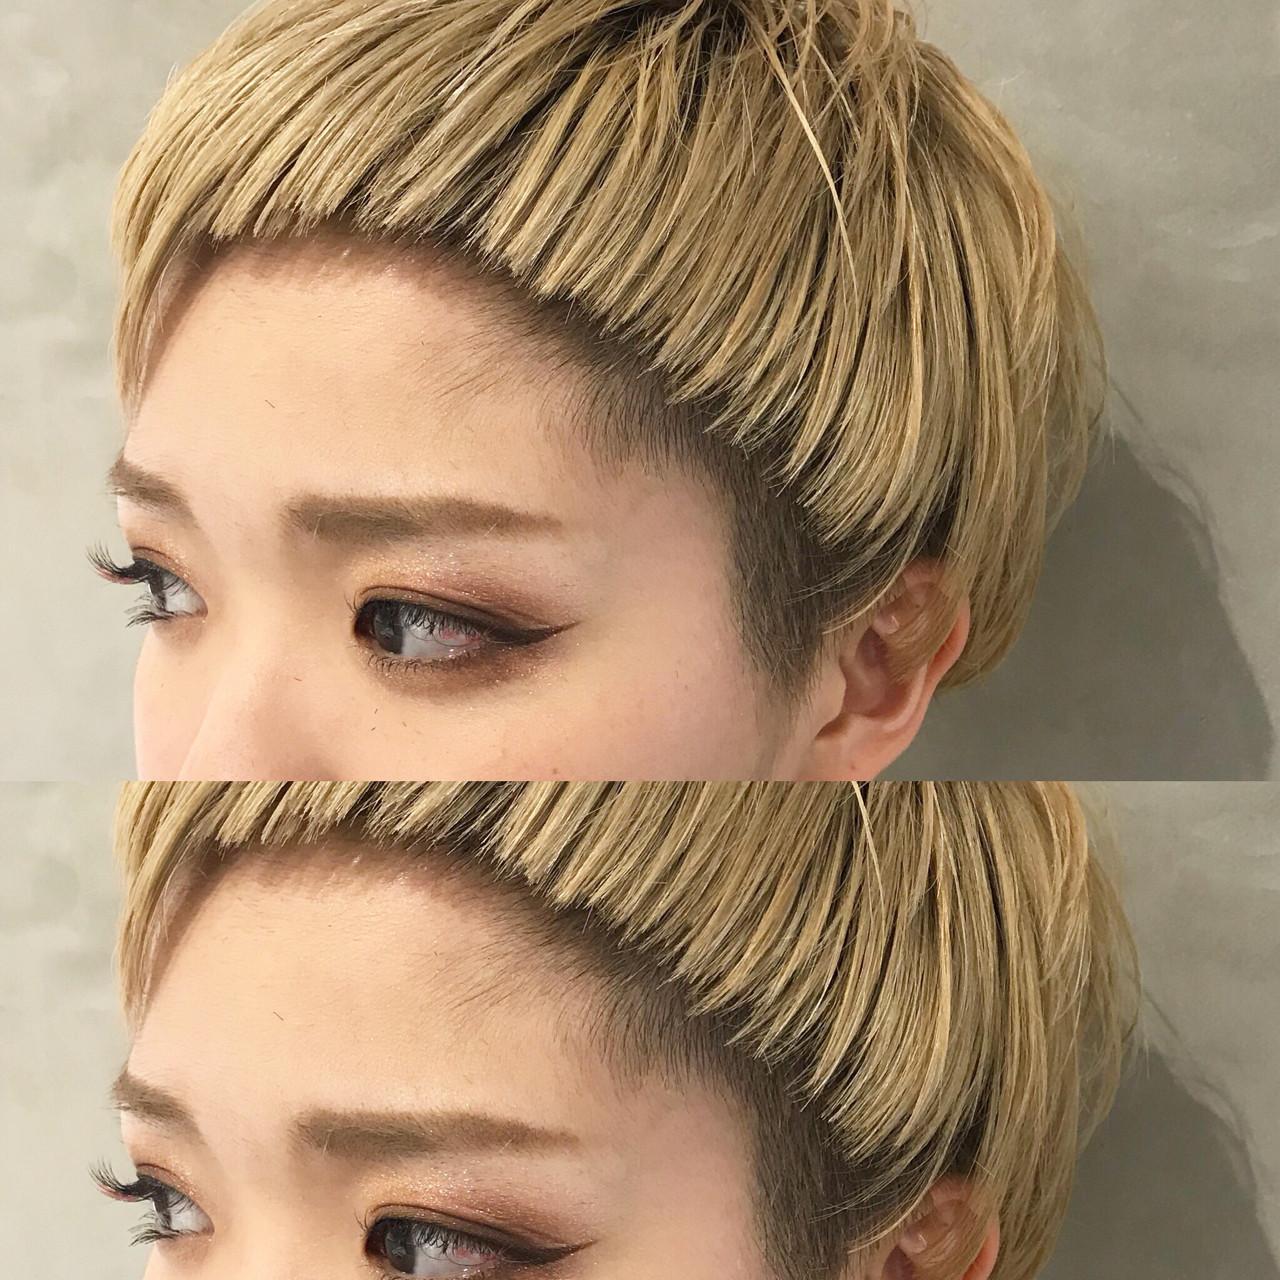 ベリーショート 前髪パッツン オン眉 ショートバング ヘアスタイルや髪型の写真・画像